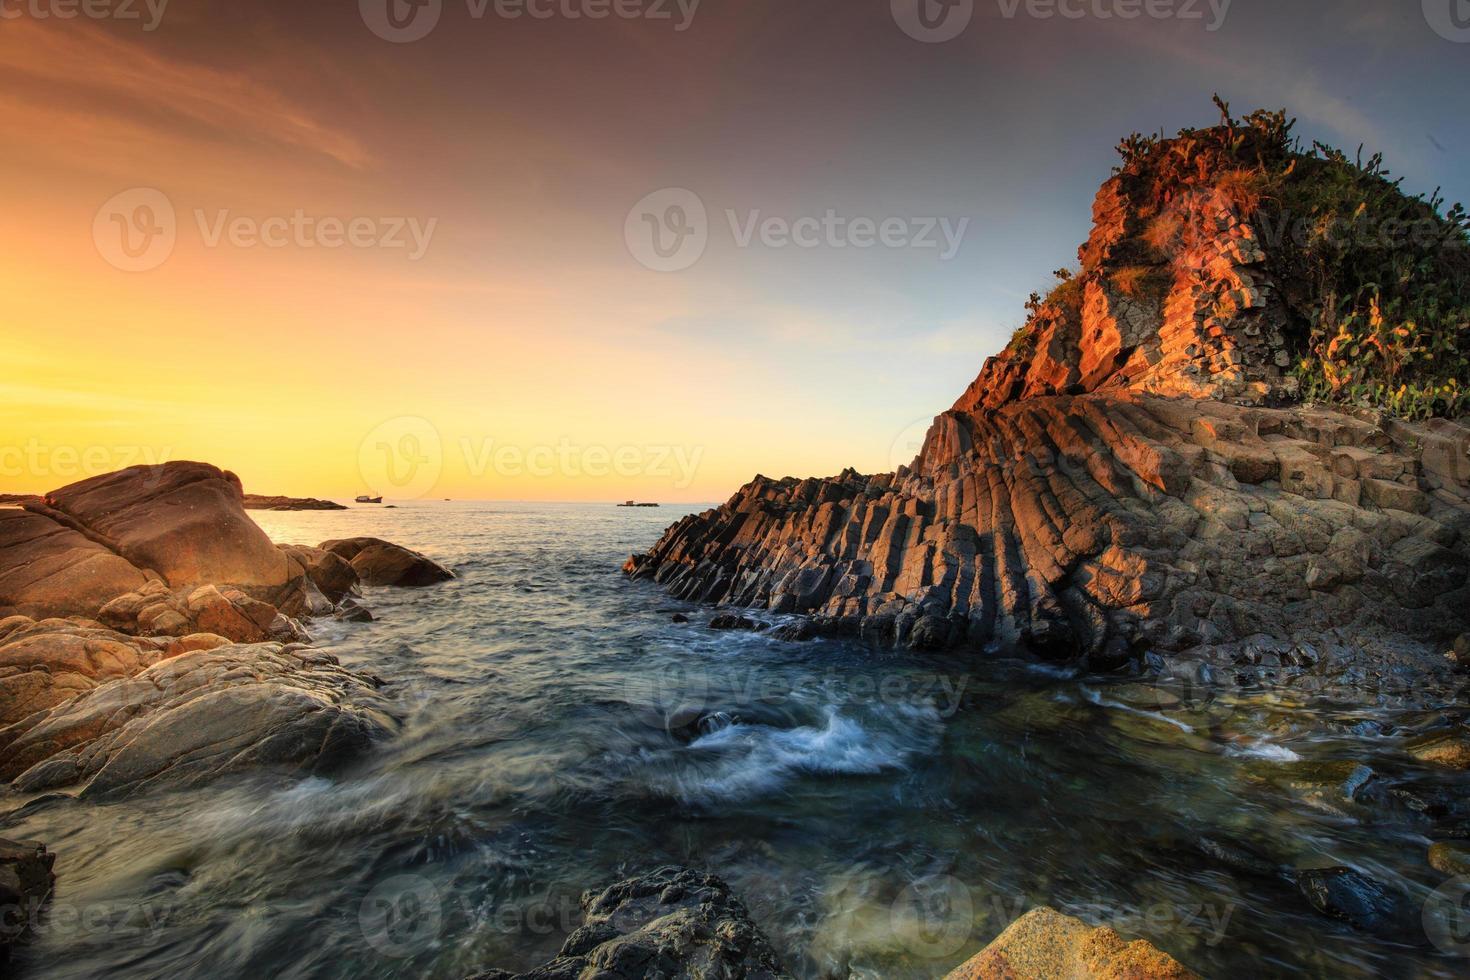 rocha de basalto em placas no mar de phu yen, vietnã, foto